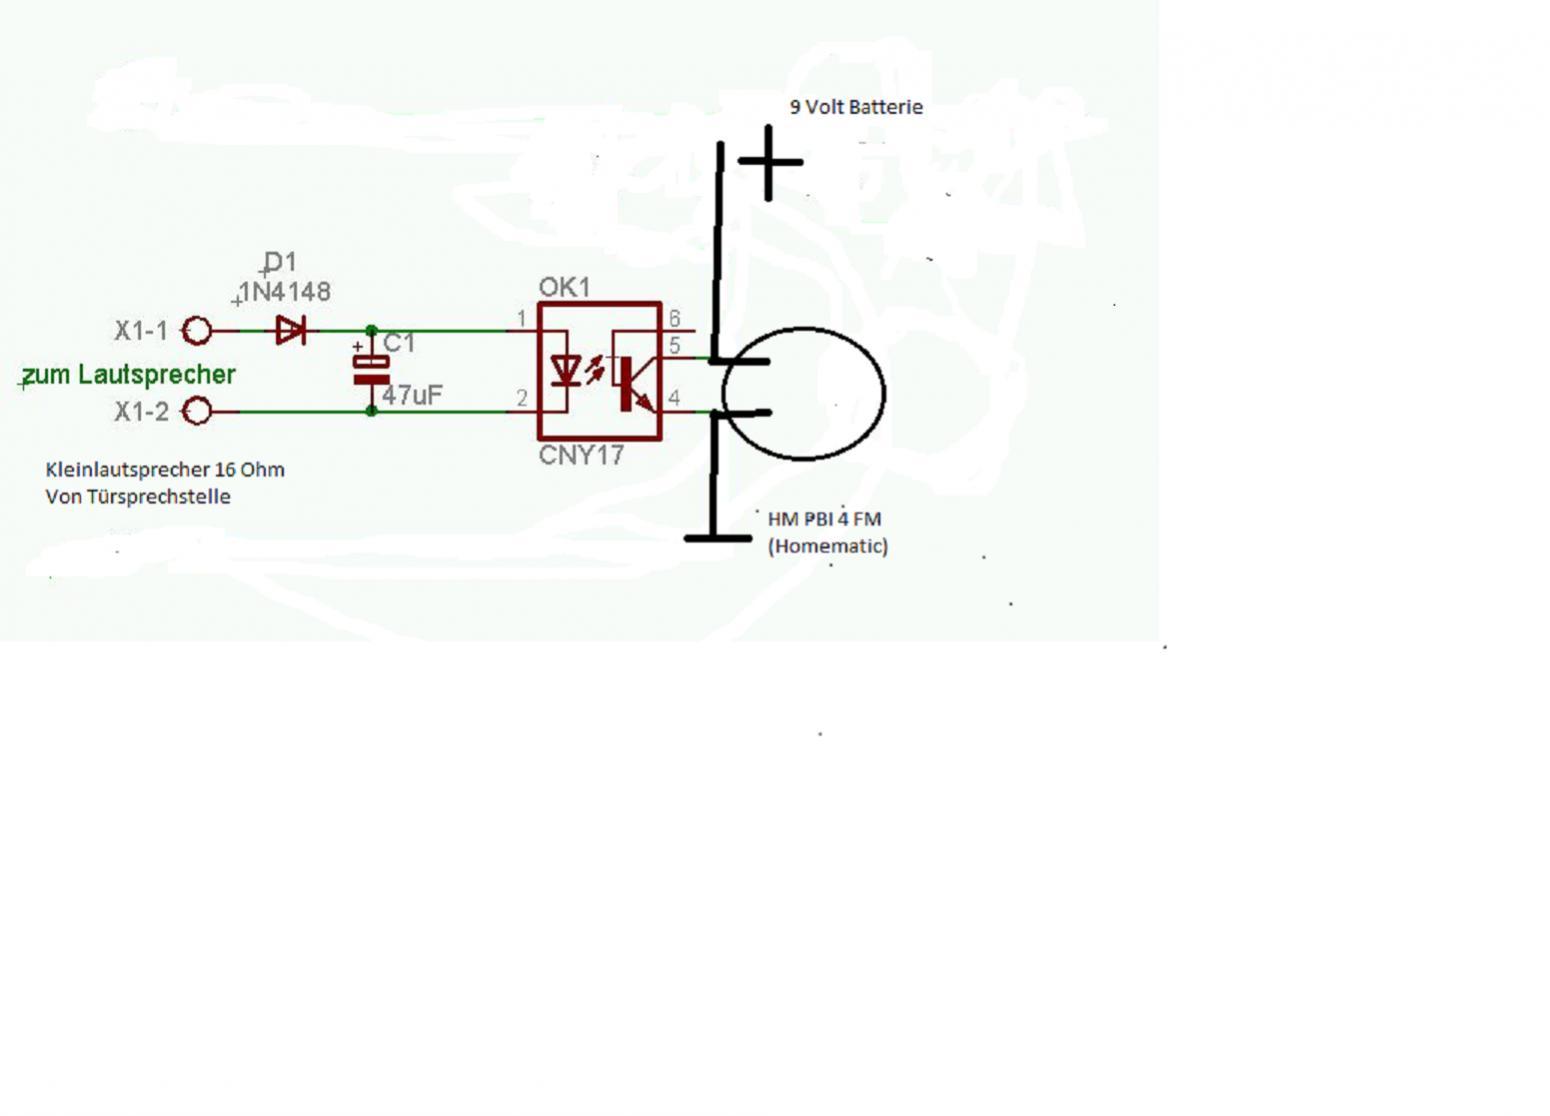 Torsten schaltung mit opto und HM-Taster.jpg